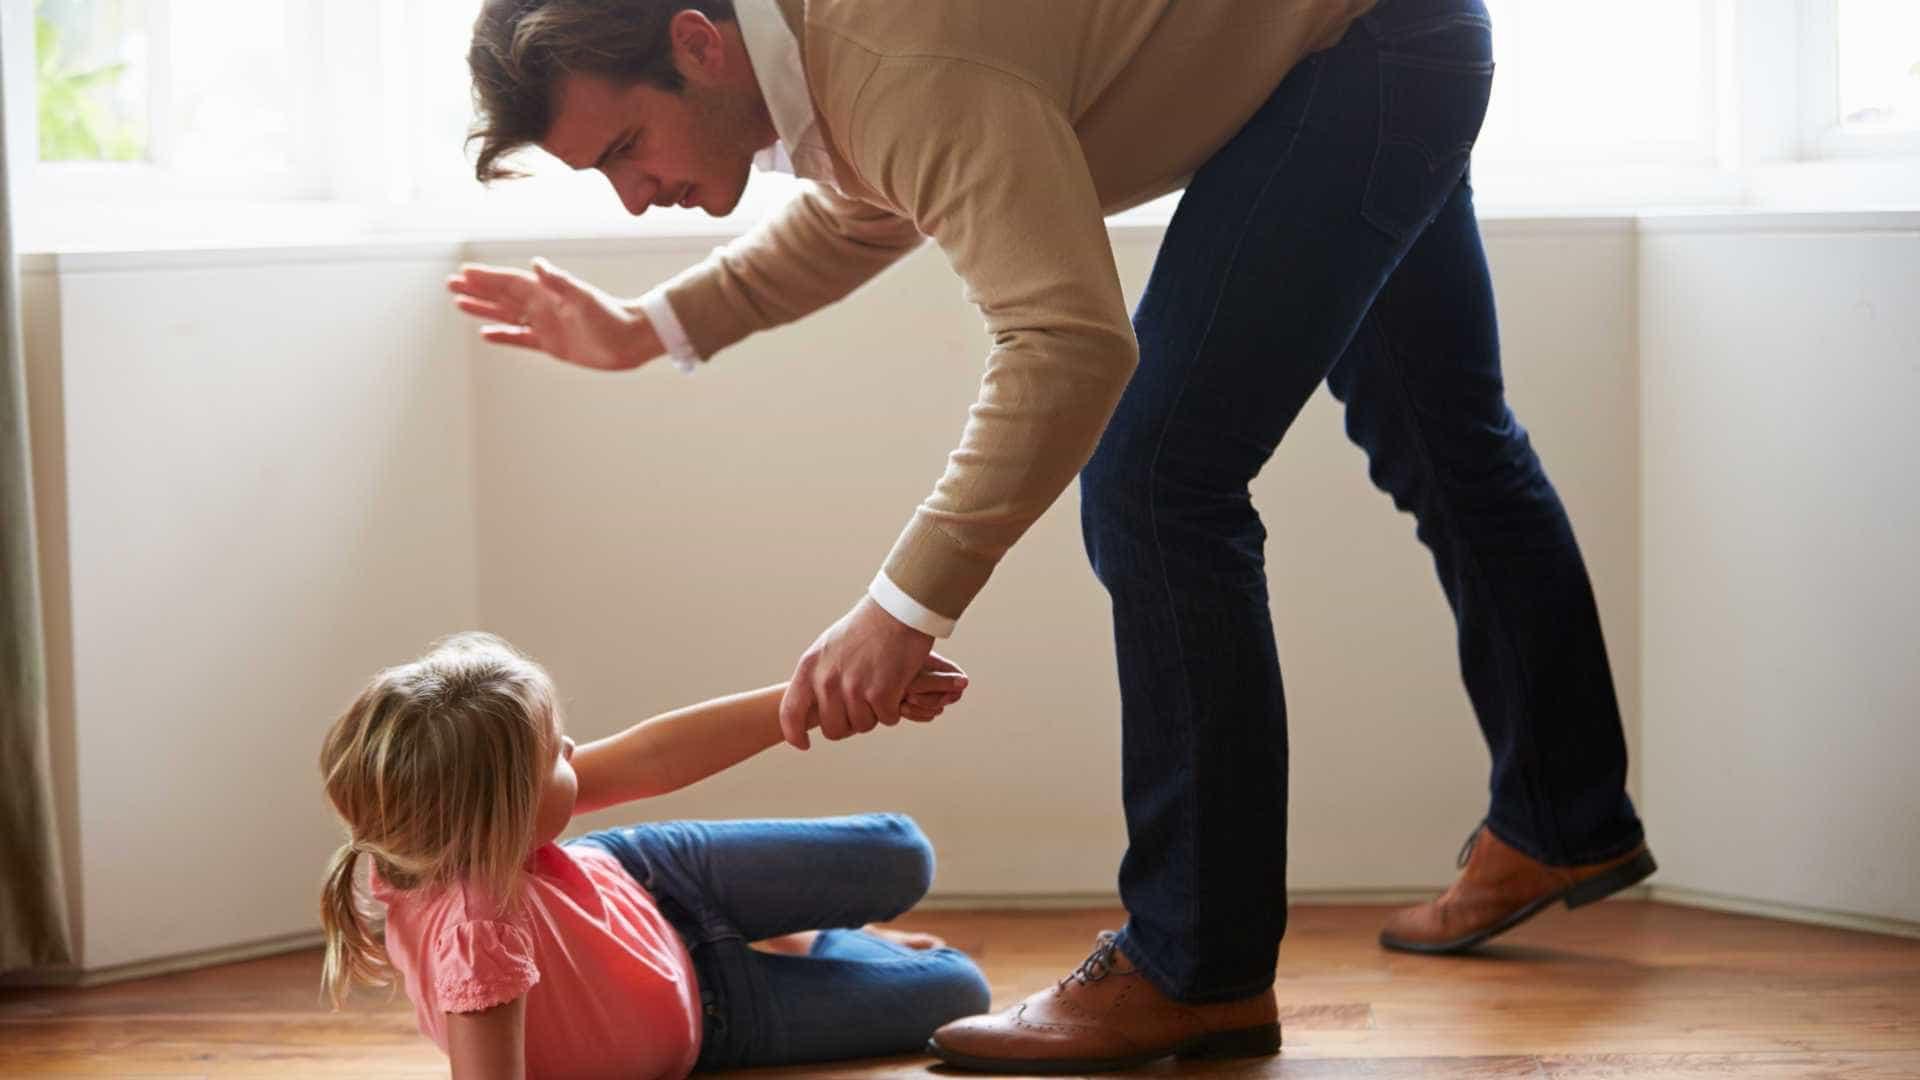 Palmada em crianças torna-as antissociais e desobedientes, diz estudo